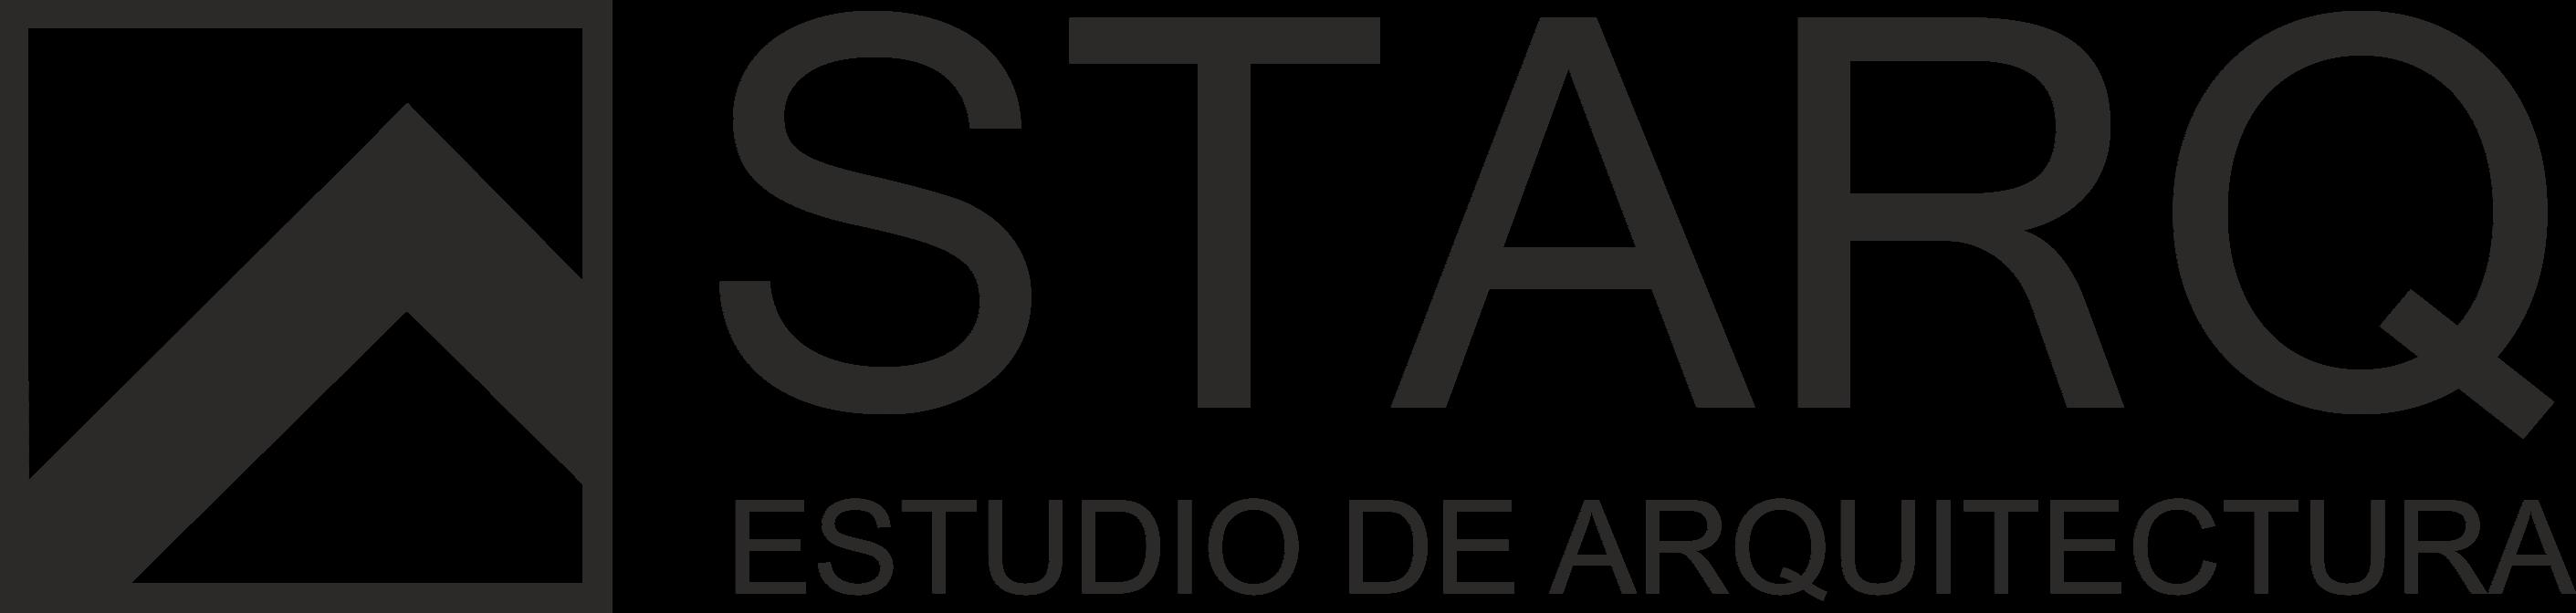 Estudio STARQ